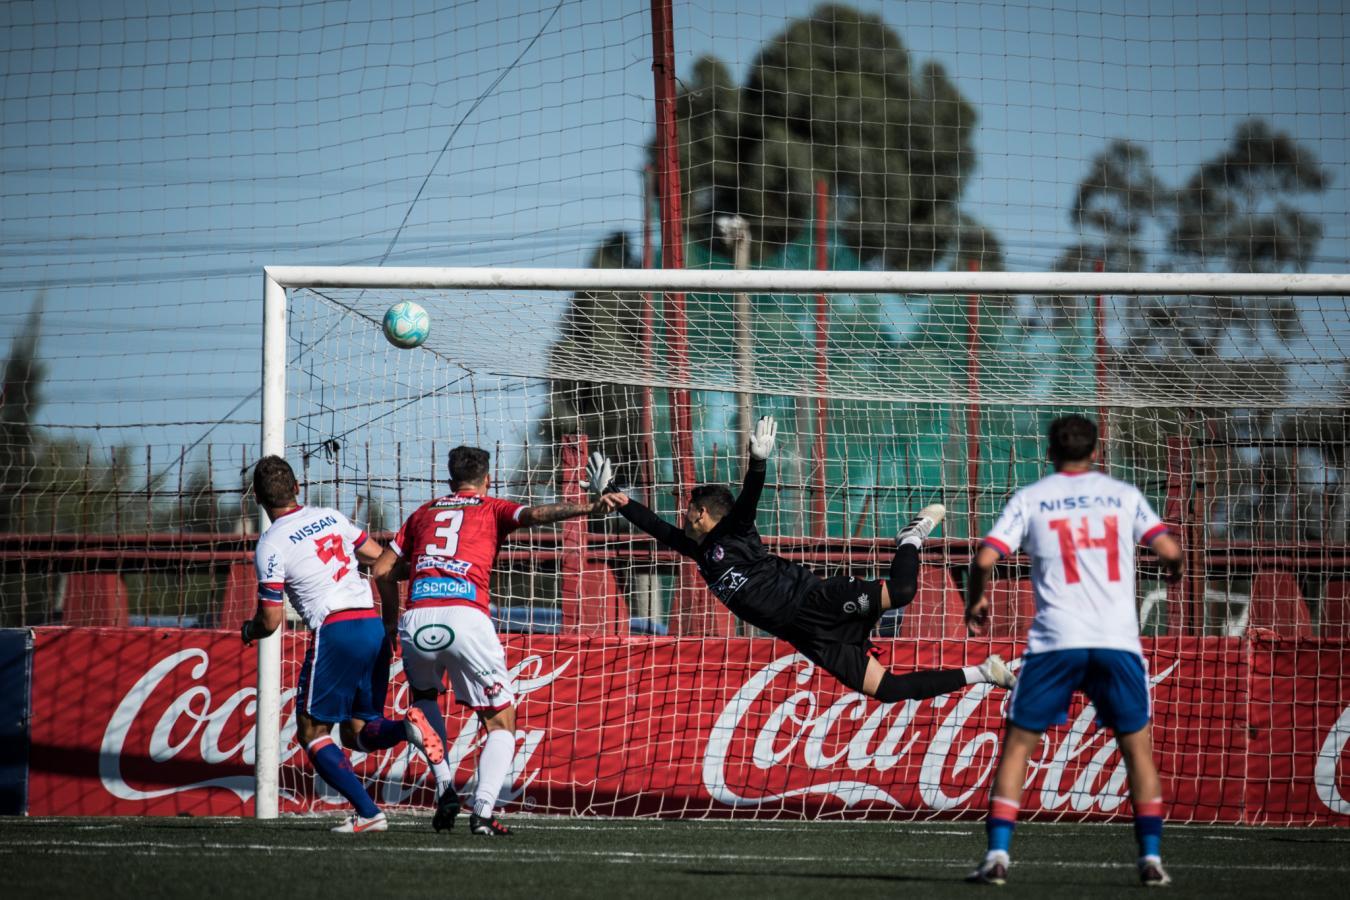 El gol del triunfo en la revancha de la Final del Campeonato Uruguayo. Bergessio fue la figura del certamen.